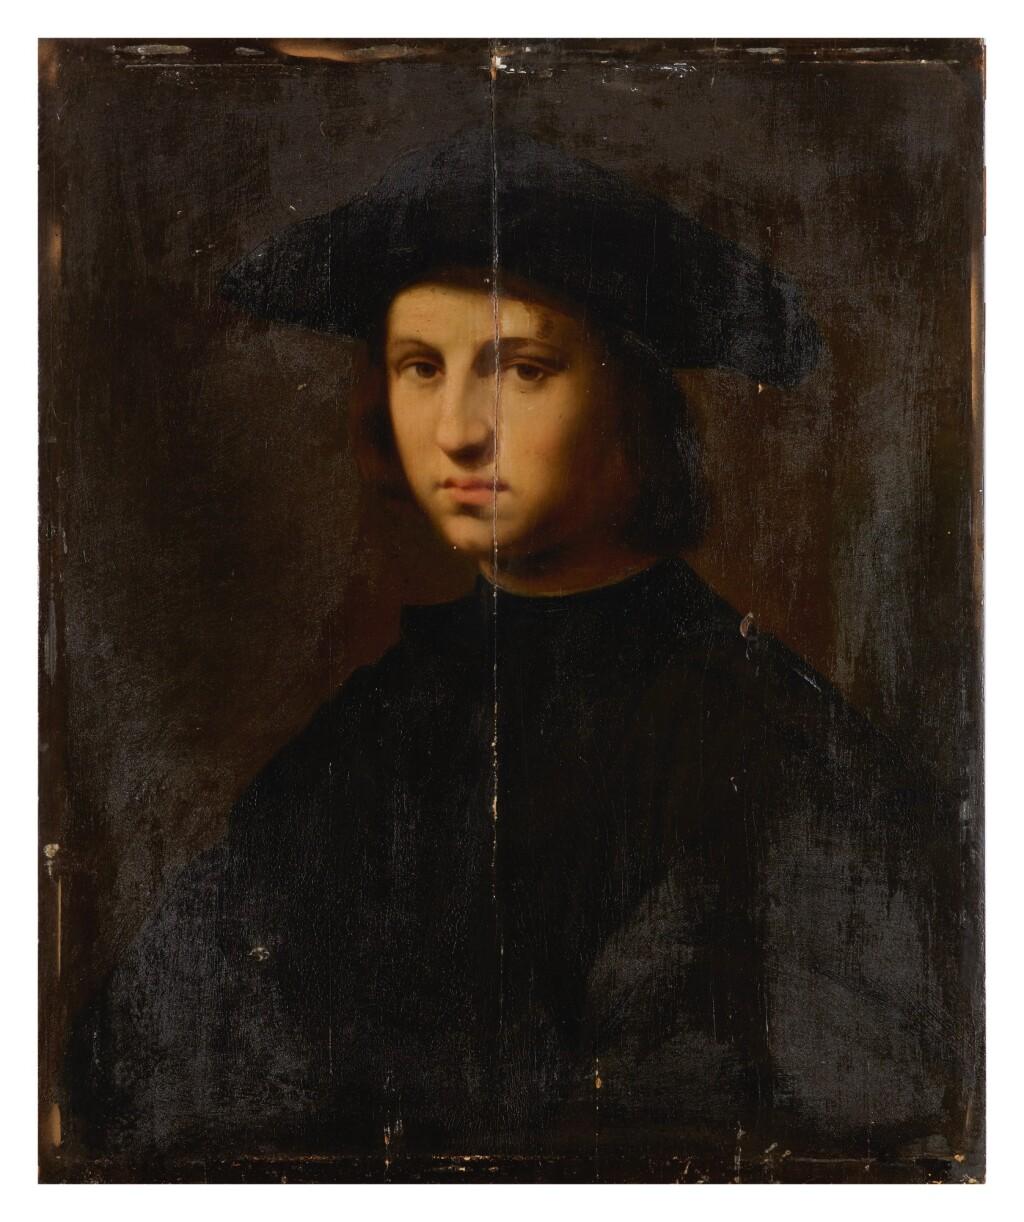 17TH CENTURY FOLLOWER OF DOMENICO PULIGO   PORTRAIT OF A YOUNG MAN IN BLACK